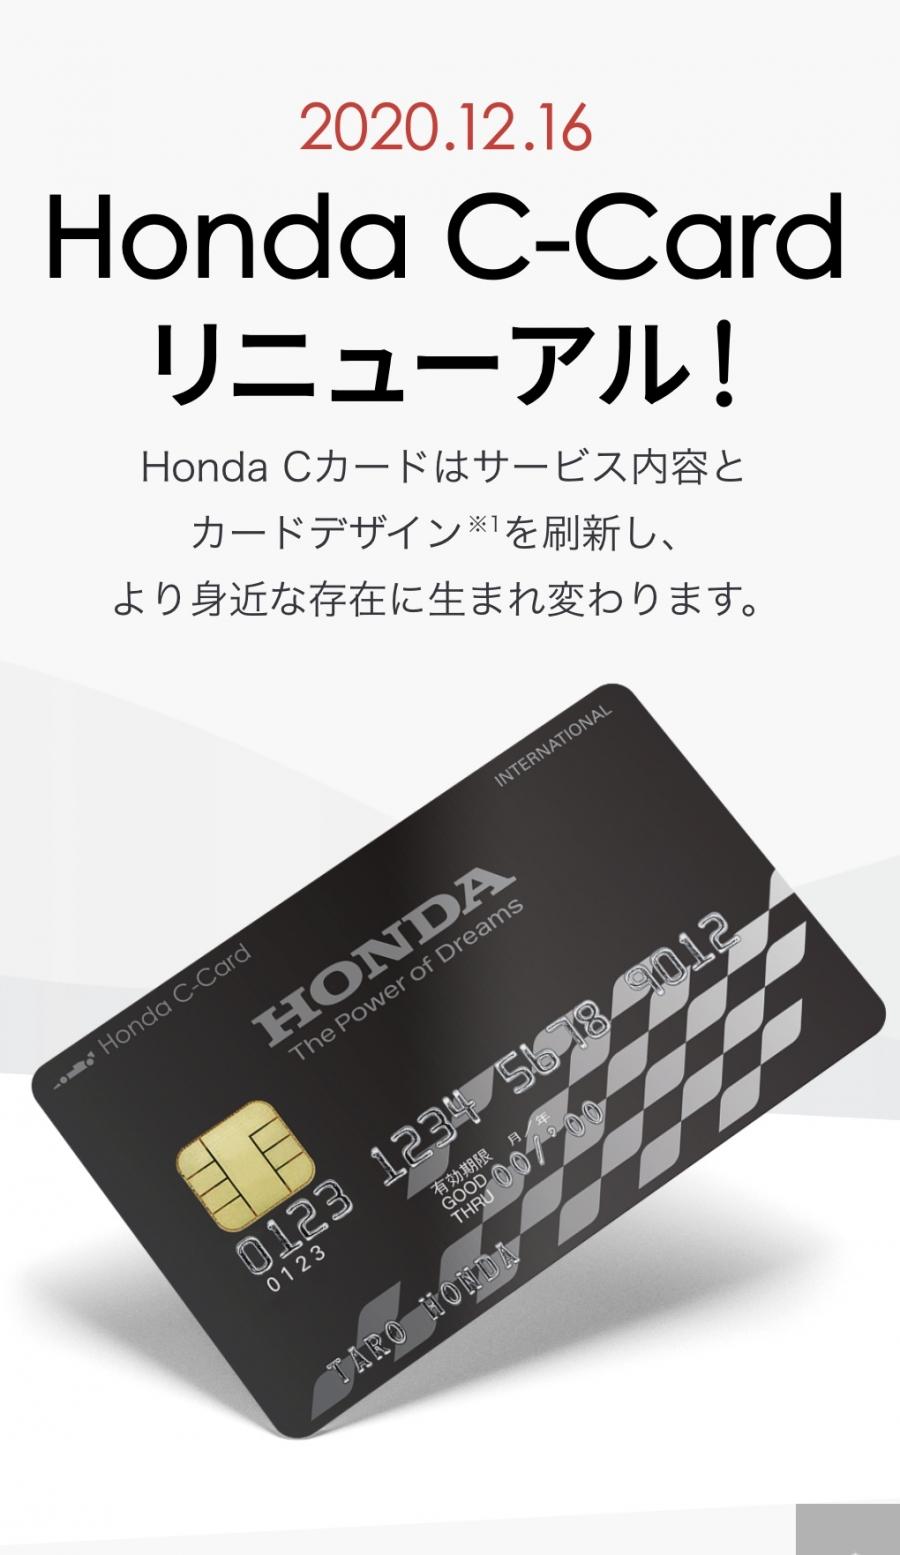 C カード ホンダ